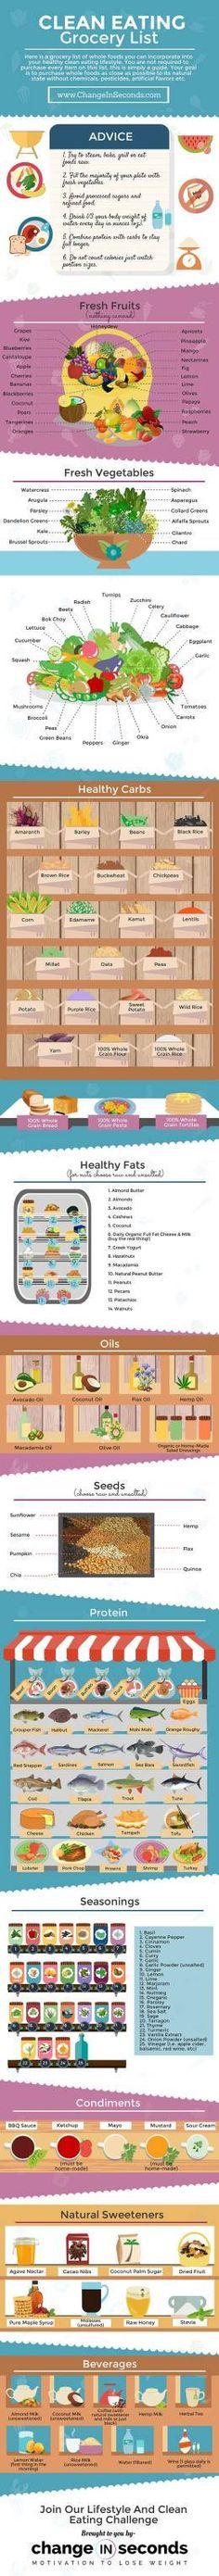 Clean Eating Grocery Shopping List Infographic #fromtrashtotrendz fromtrashtotrendz.com #FTTTapproved